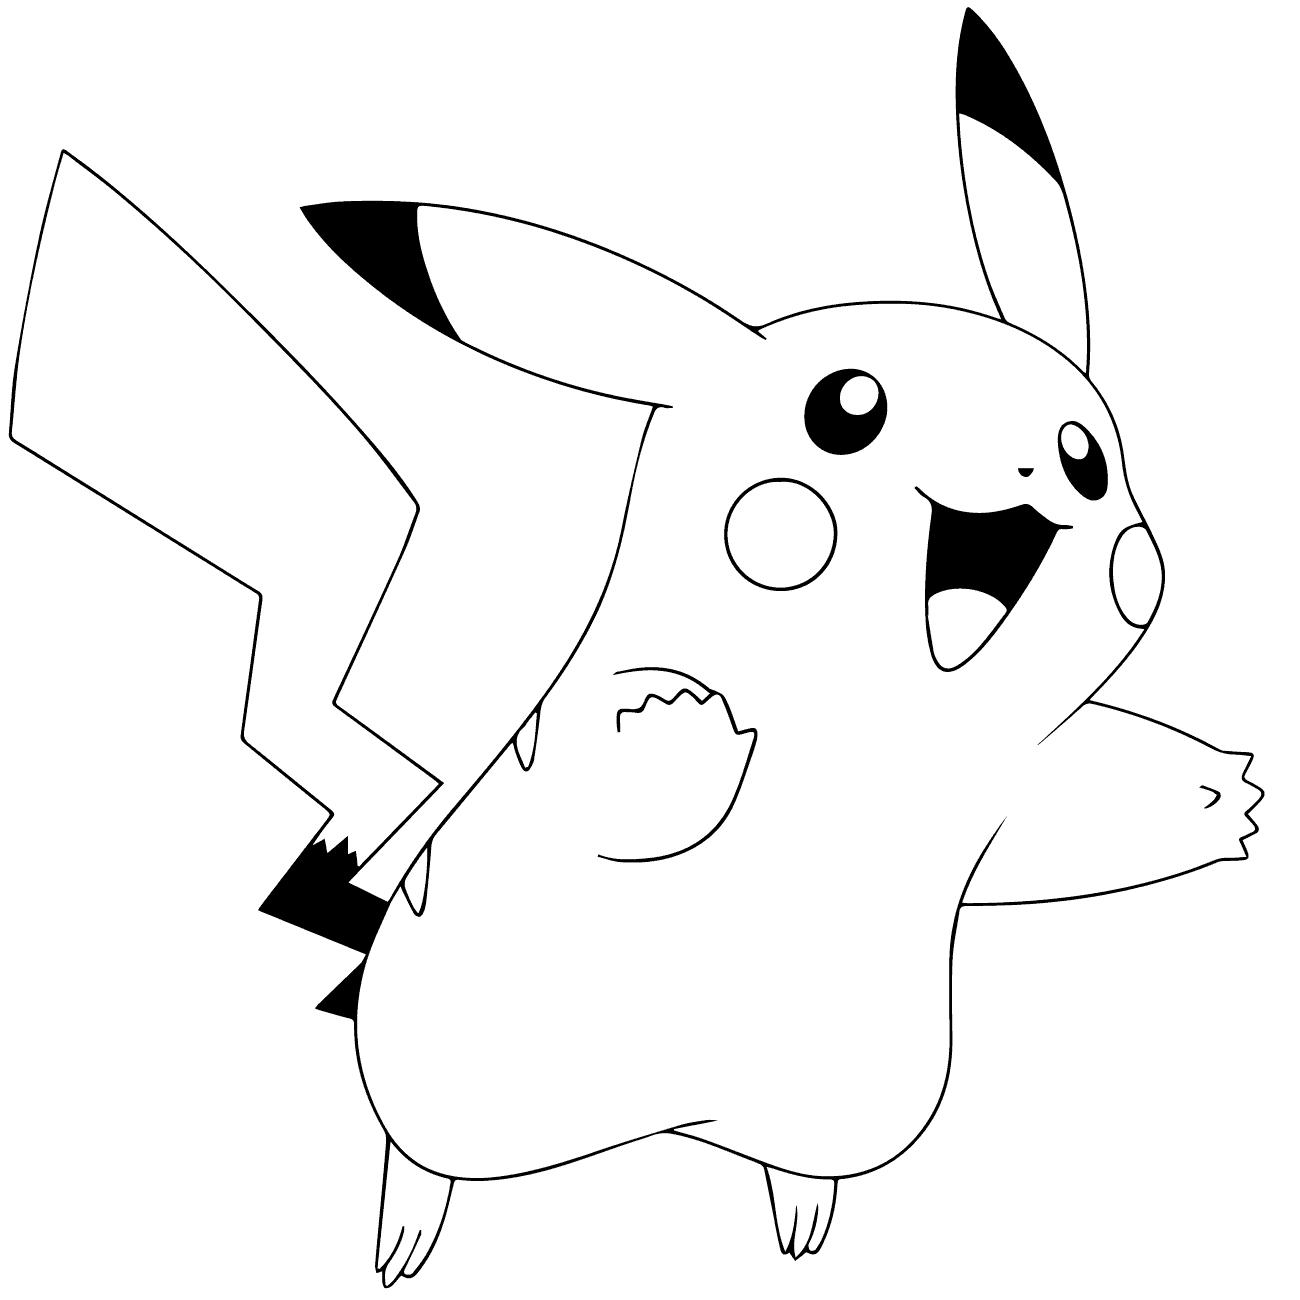 Dibujos pikachu para dibujar imprimir colorear y - Dibujos de vinilo para paredes ...